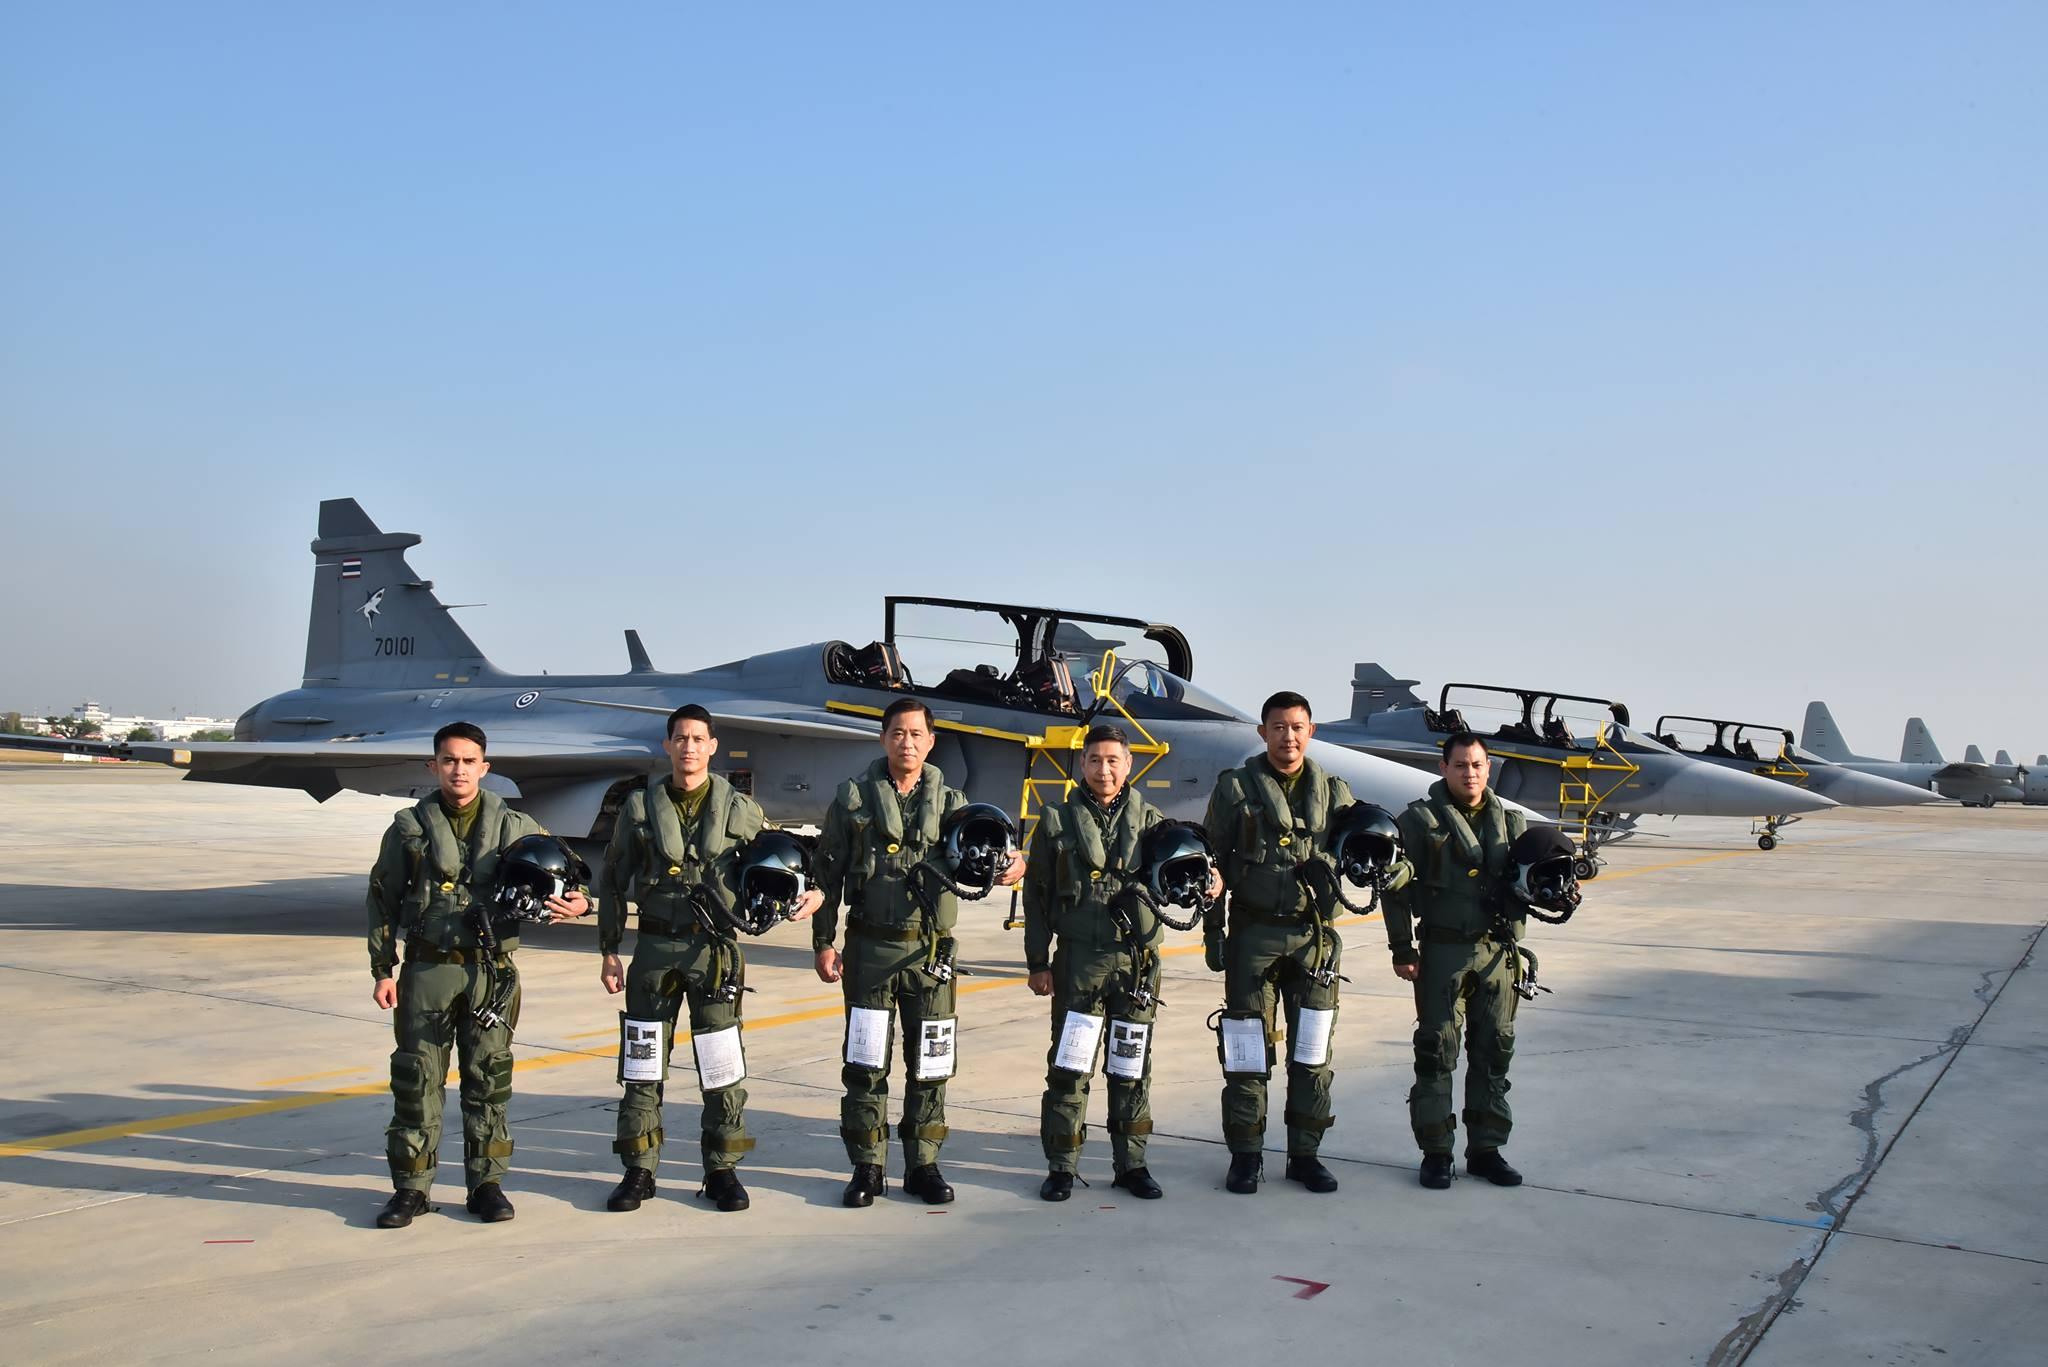 ผู้บัญชาการทหารสูงสุด และ ผู้บัญชาการทหารอากาศ ร่วมทำการบินกับเครื่องบิน GRIPEN 39 D